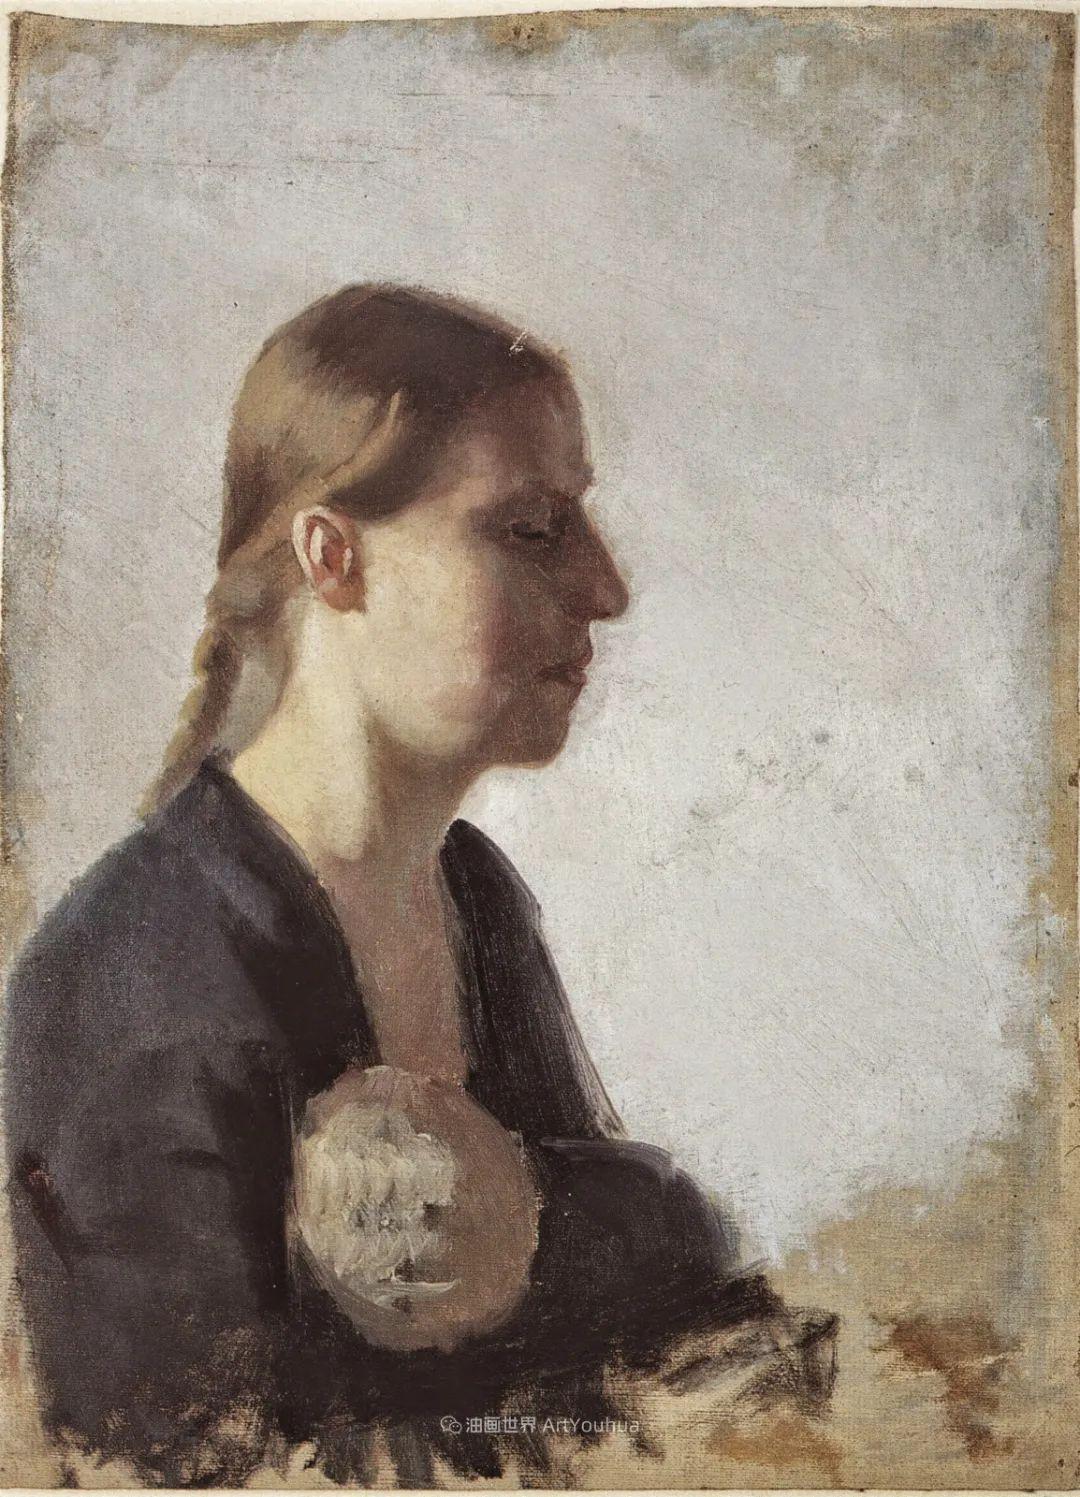 她被印在丹麦最大面值钞票1000克朗上,是丹麦最伟大的艺术家之一插图89